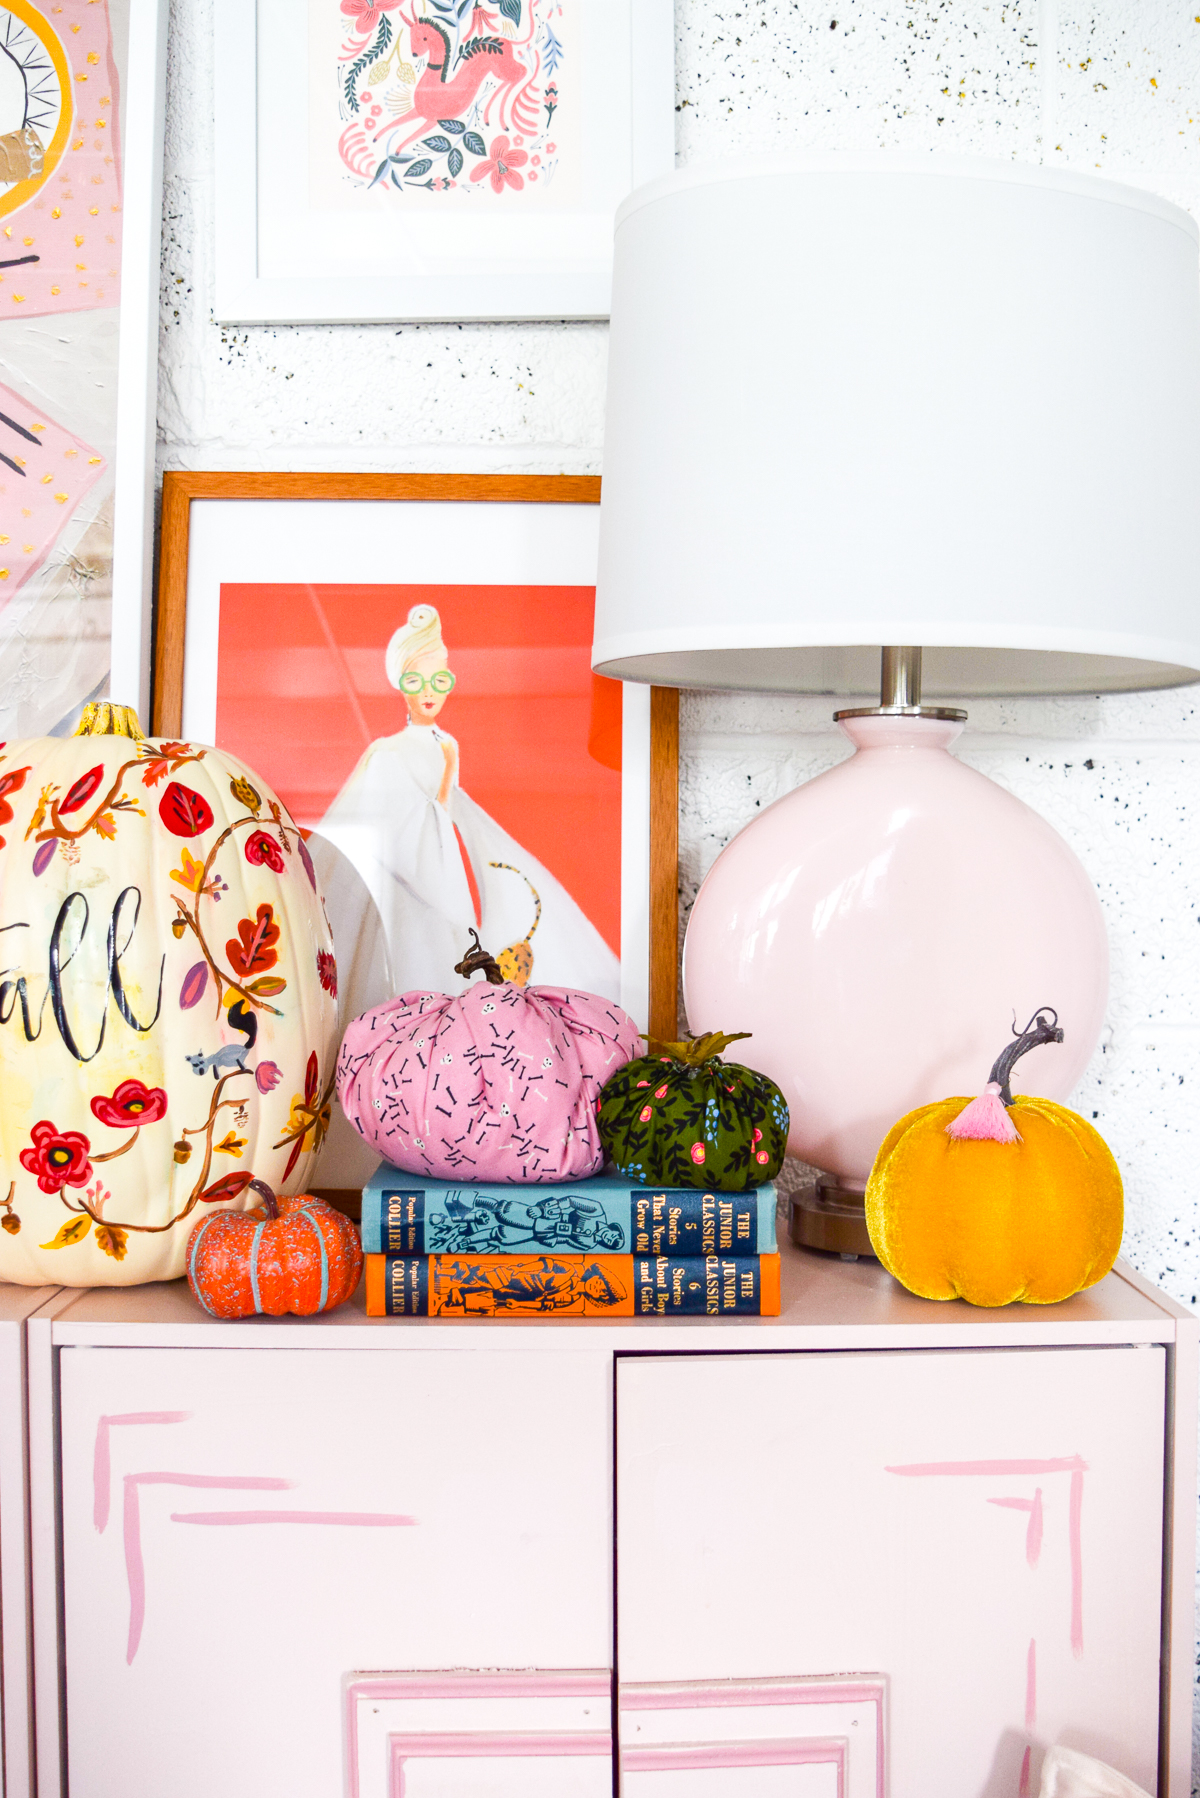 pumpkins and books on a pink dresser